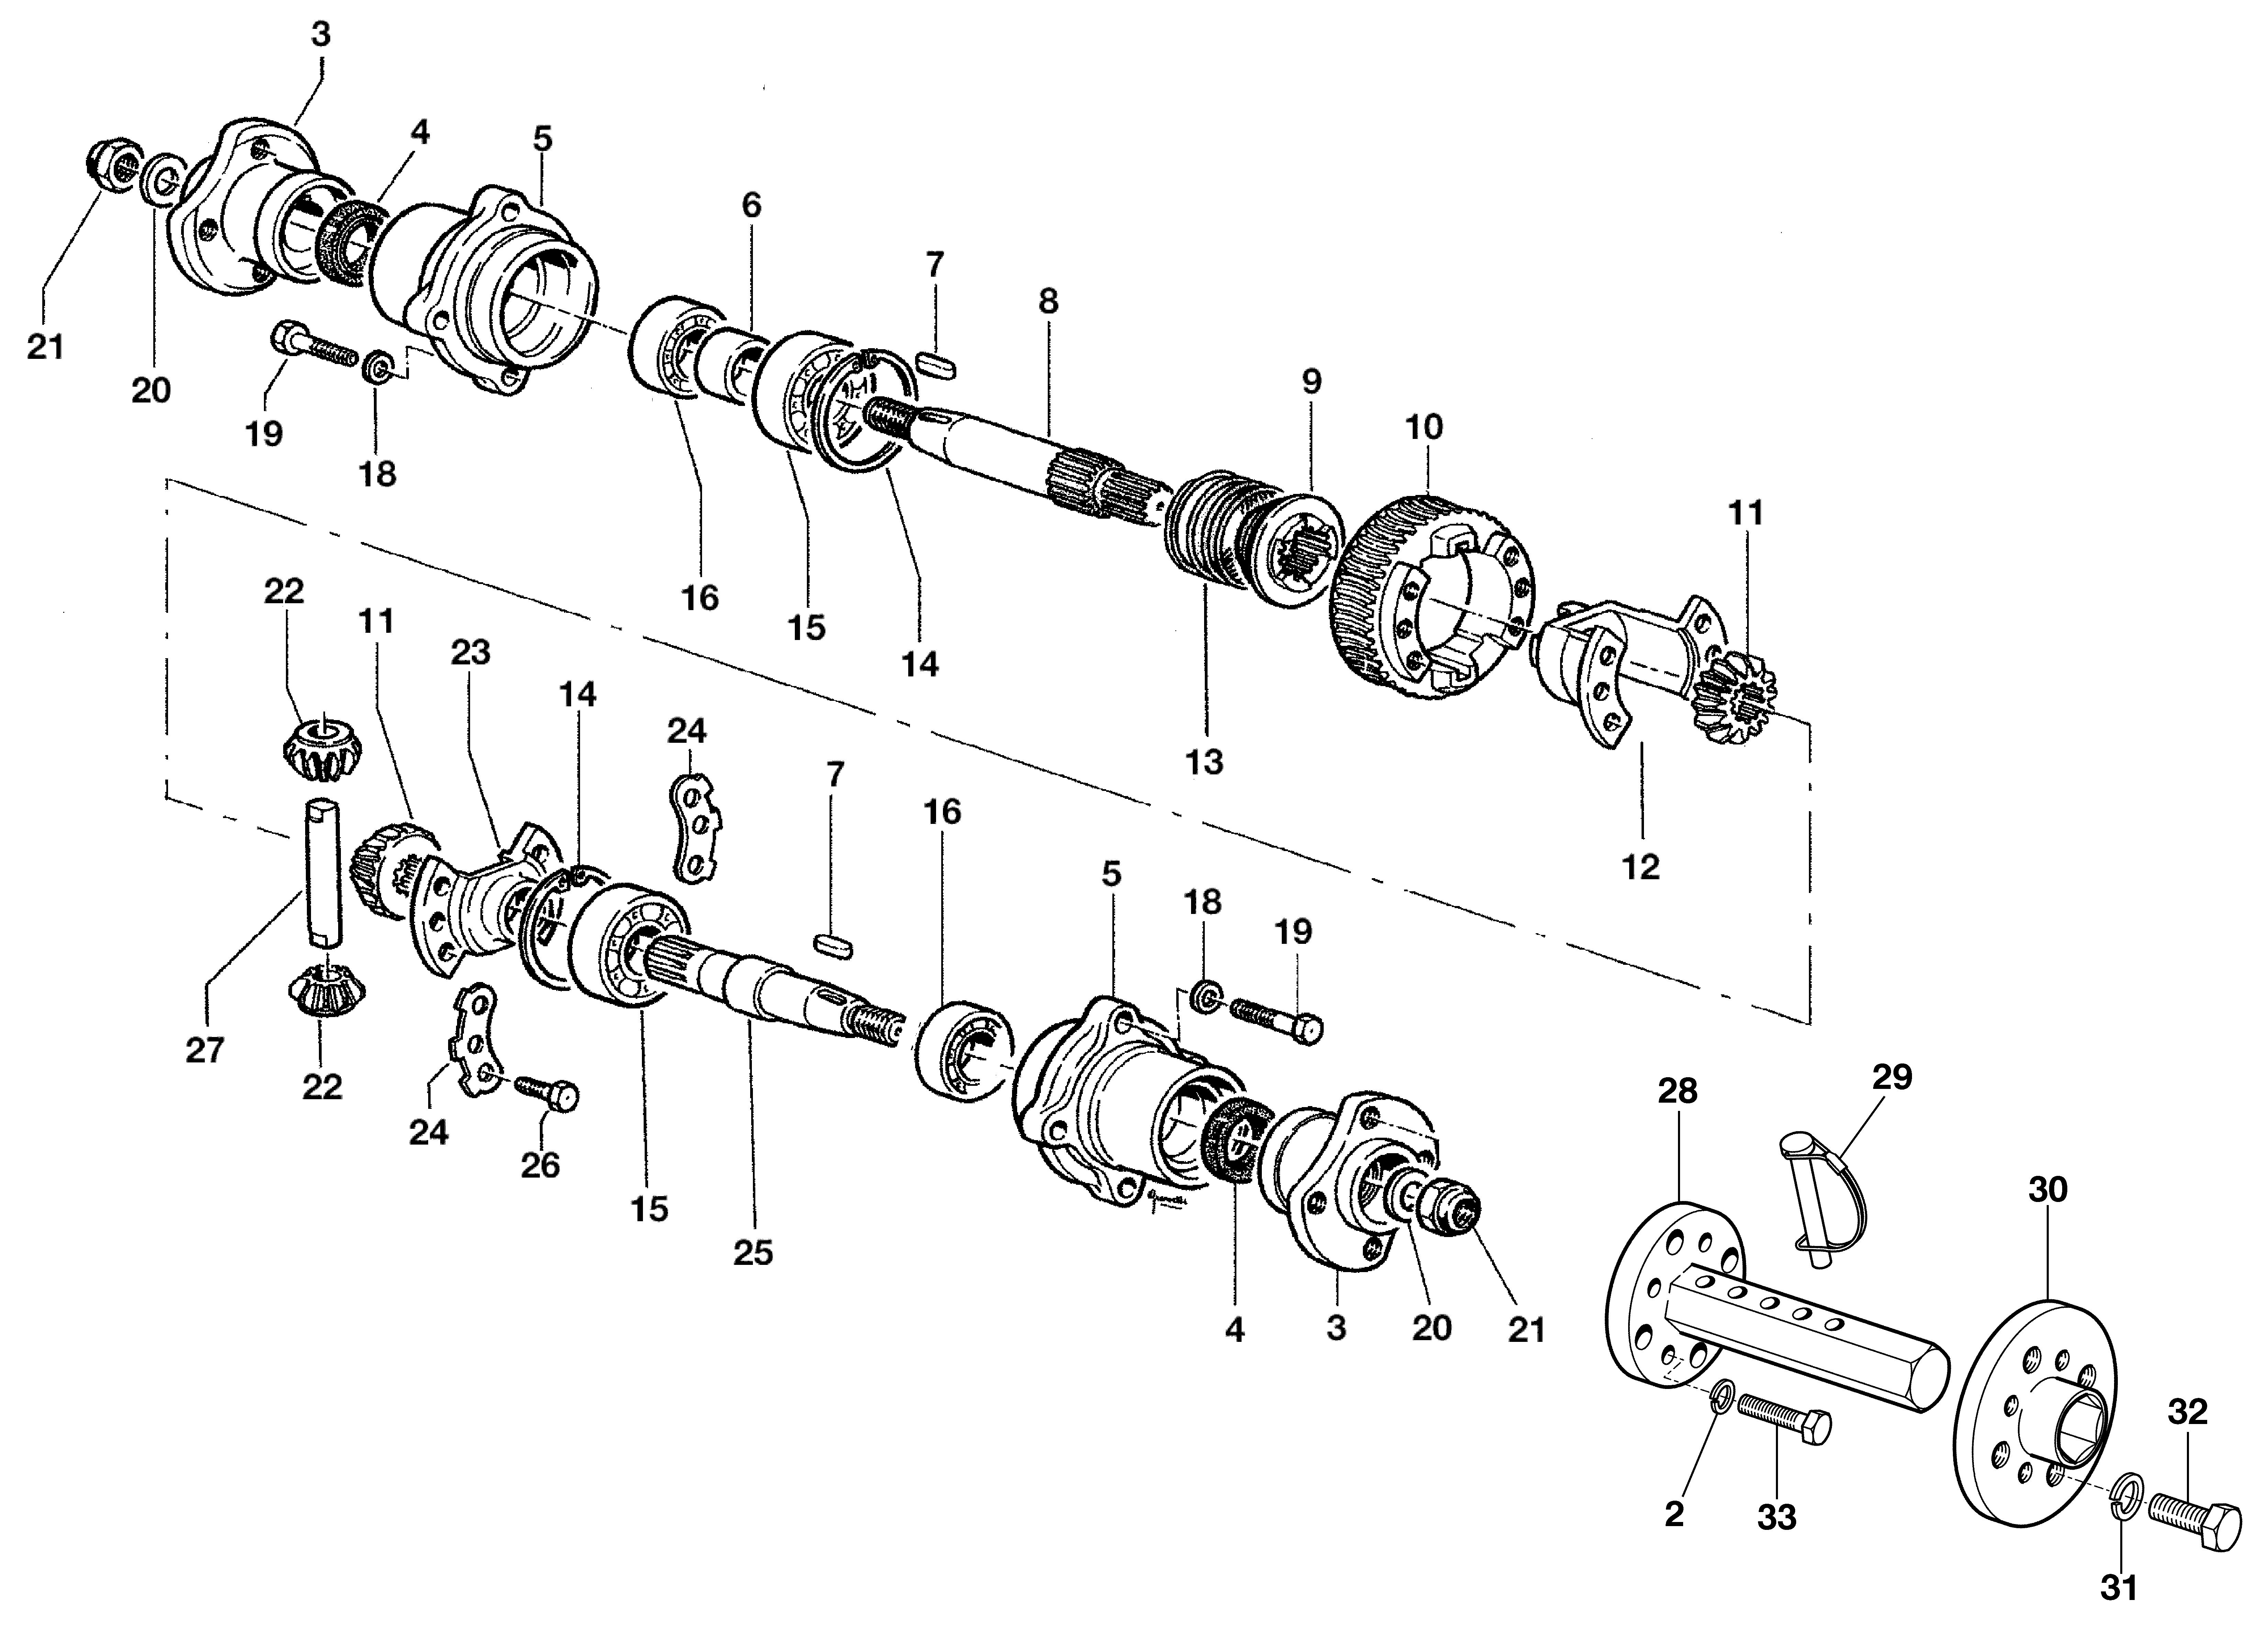 KAM 5 HF Motoculteur  OLEOMAC NIBBI vue éclatée  Dessins pièces -  Arbre avec différentiel